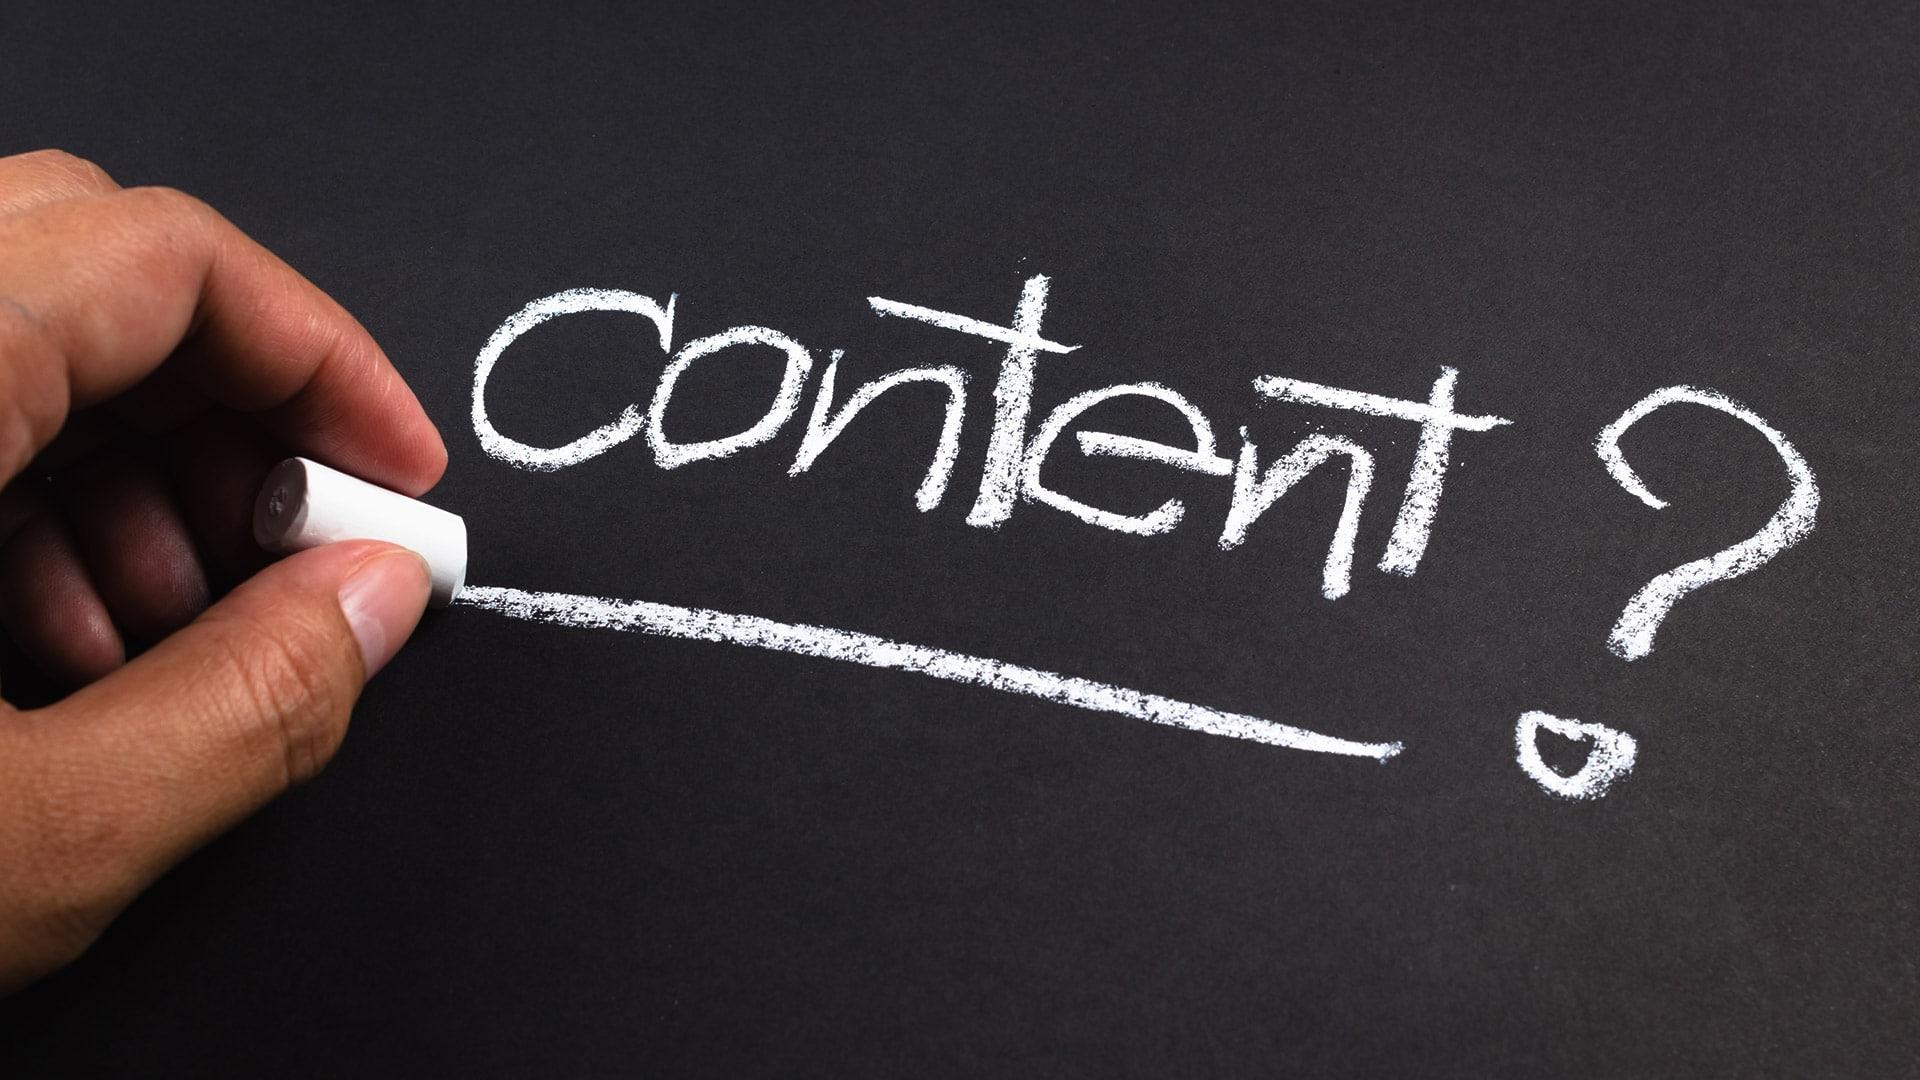 Стоит ли писать контент и как это делать правильно